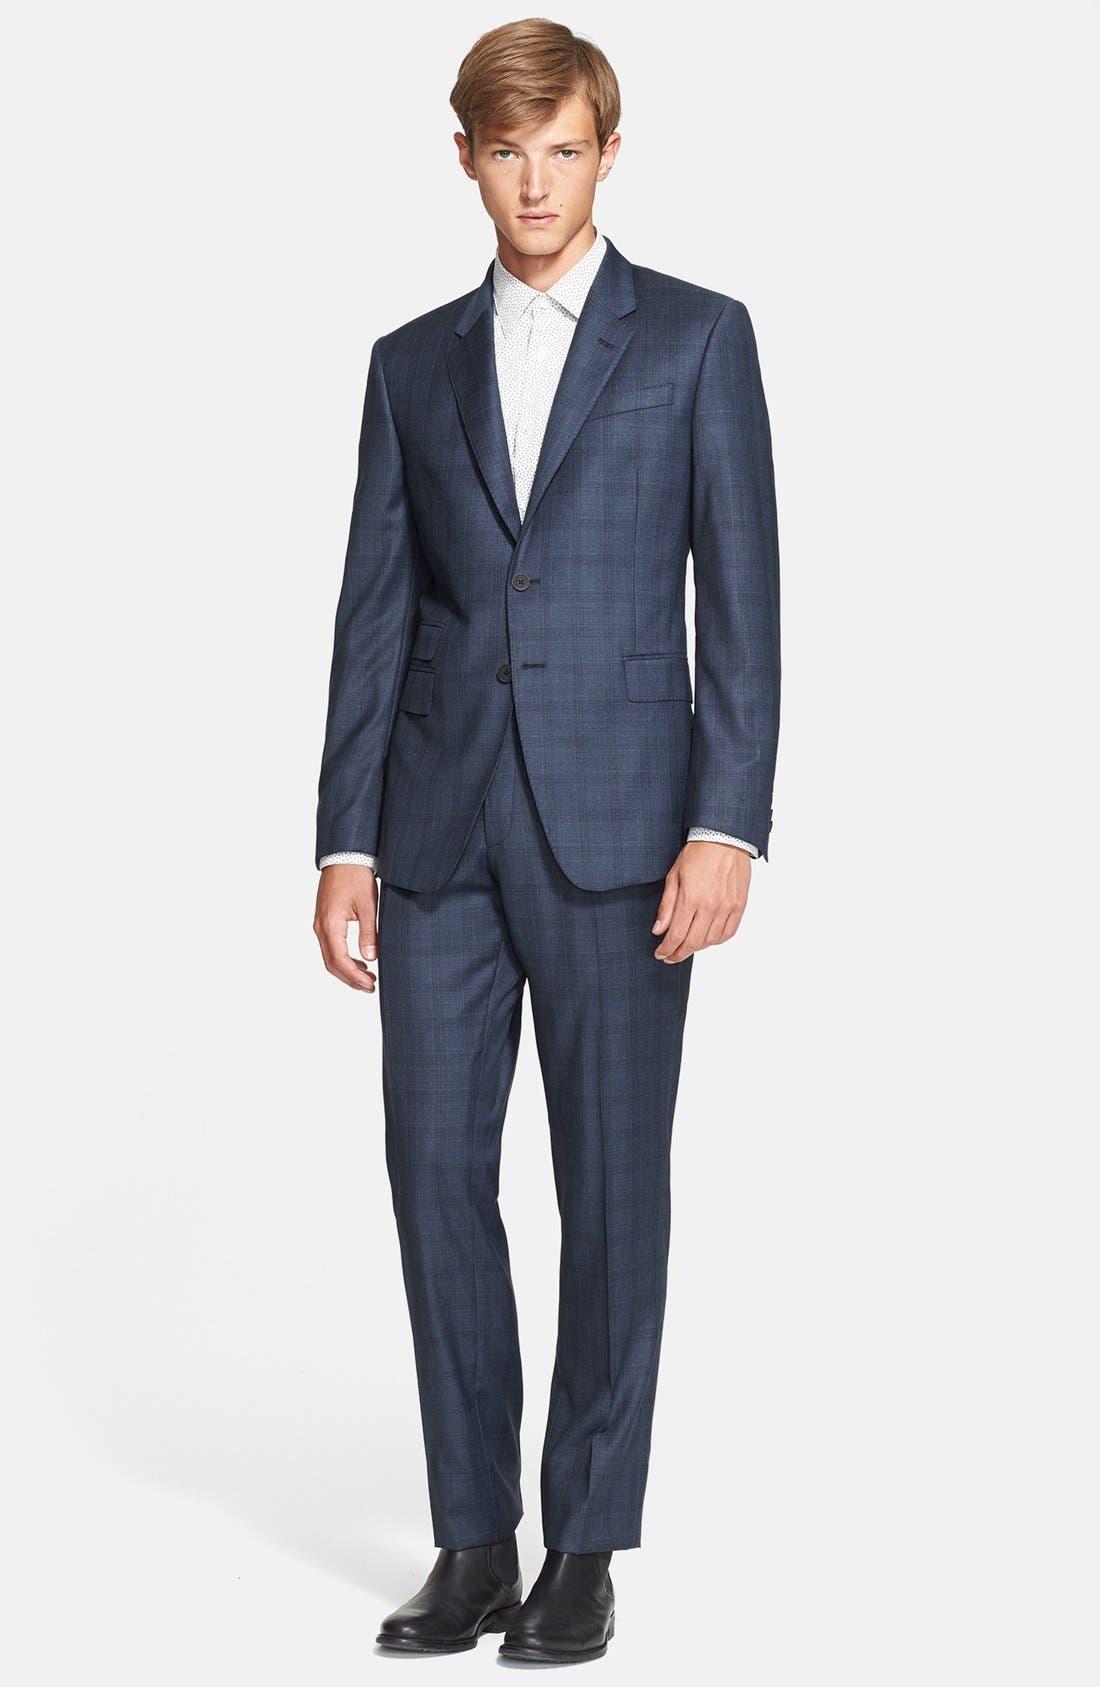 'Byard' Trim Fit Plaid Suit,                             Main thumbnail 1, color,                             414